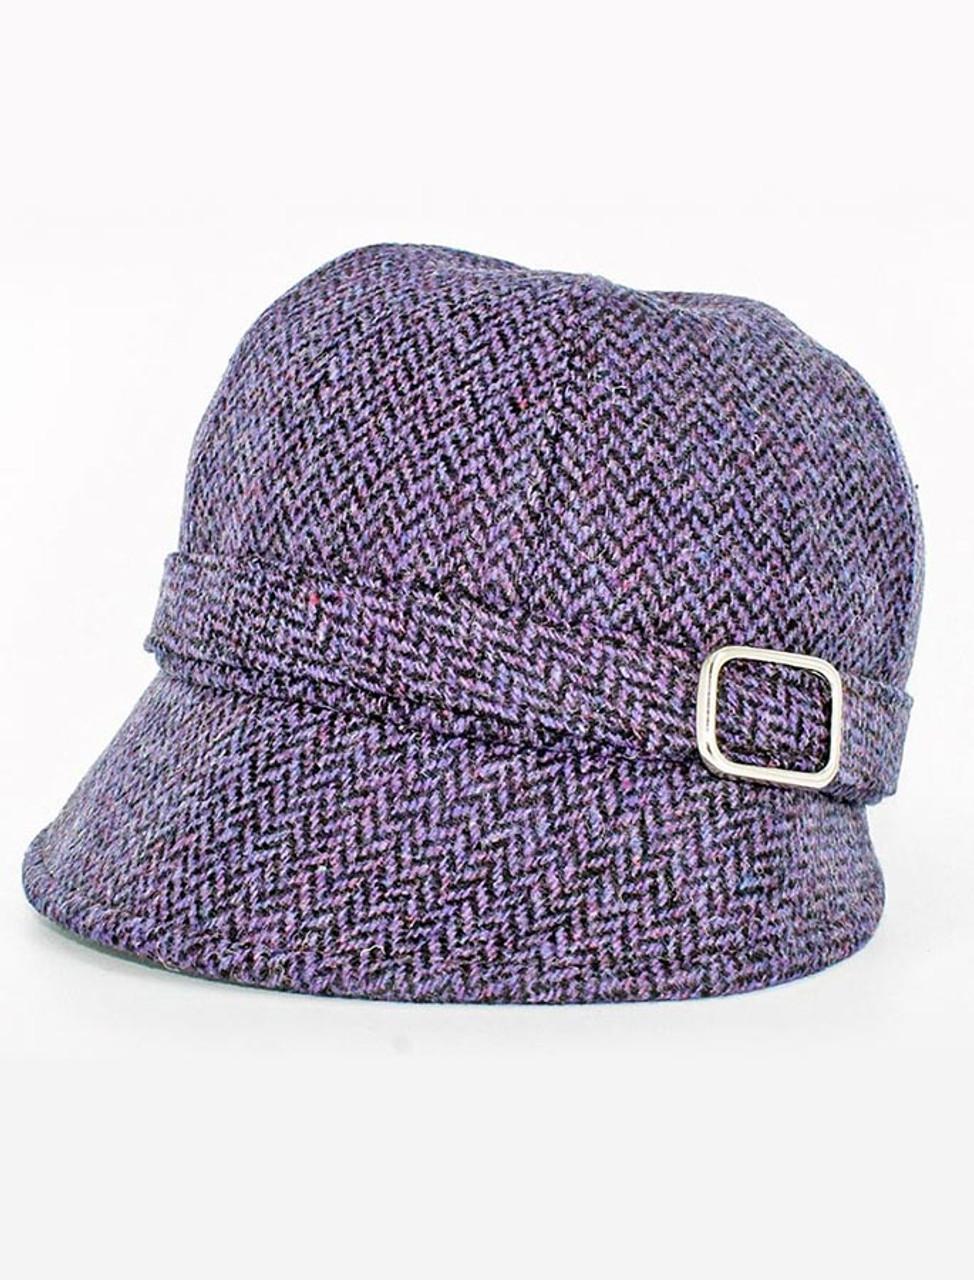 57dfd7bce Ladies Tweed Flapper Cap - Purple